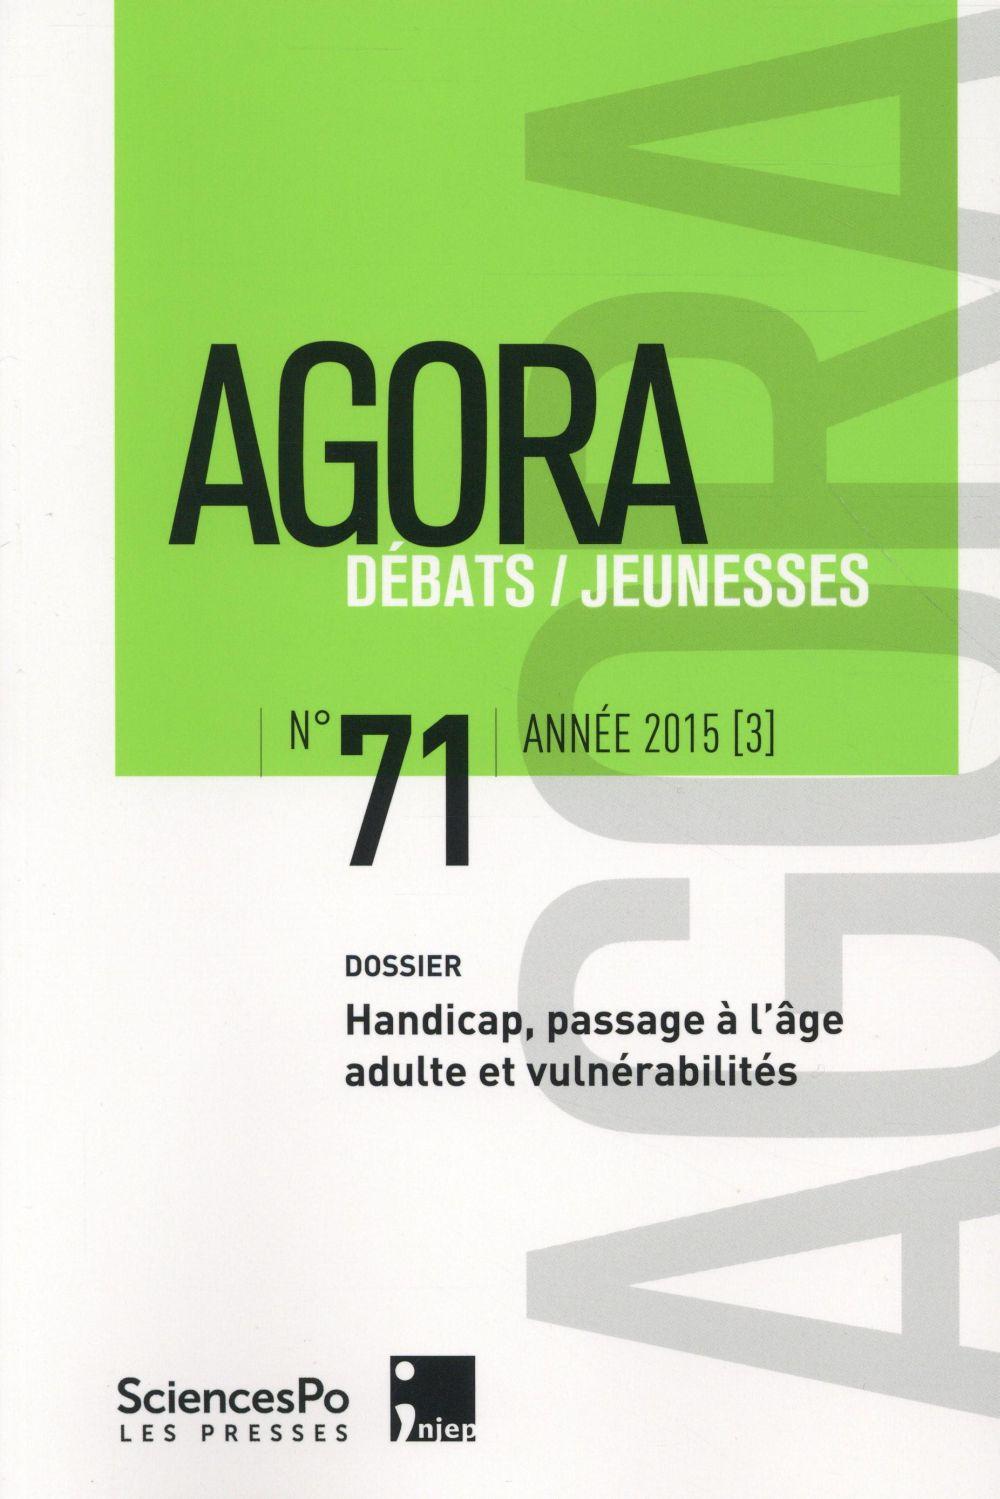 Agora debats / jeunesse ; handicap, passage a l'age adulte et vulnerabilites